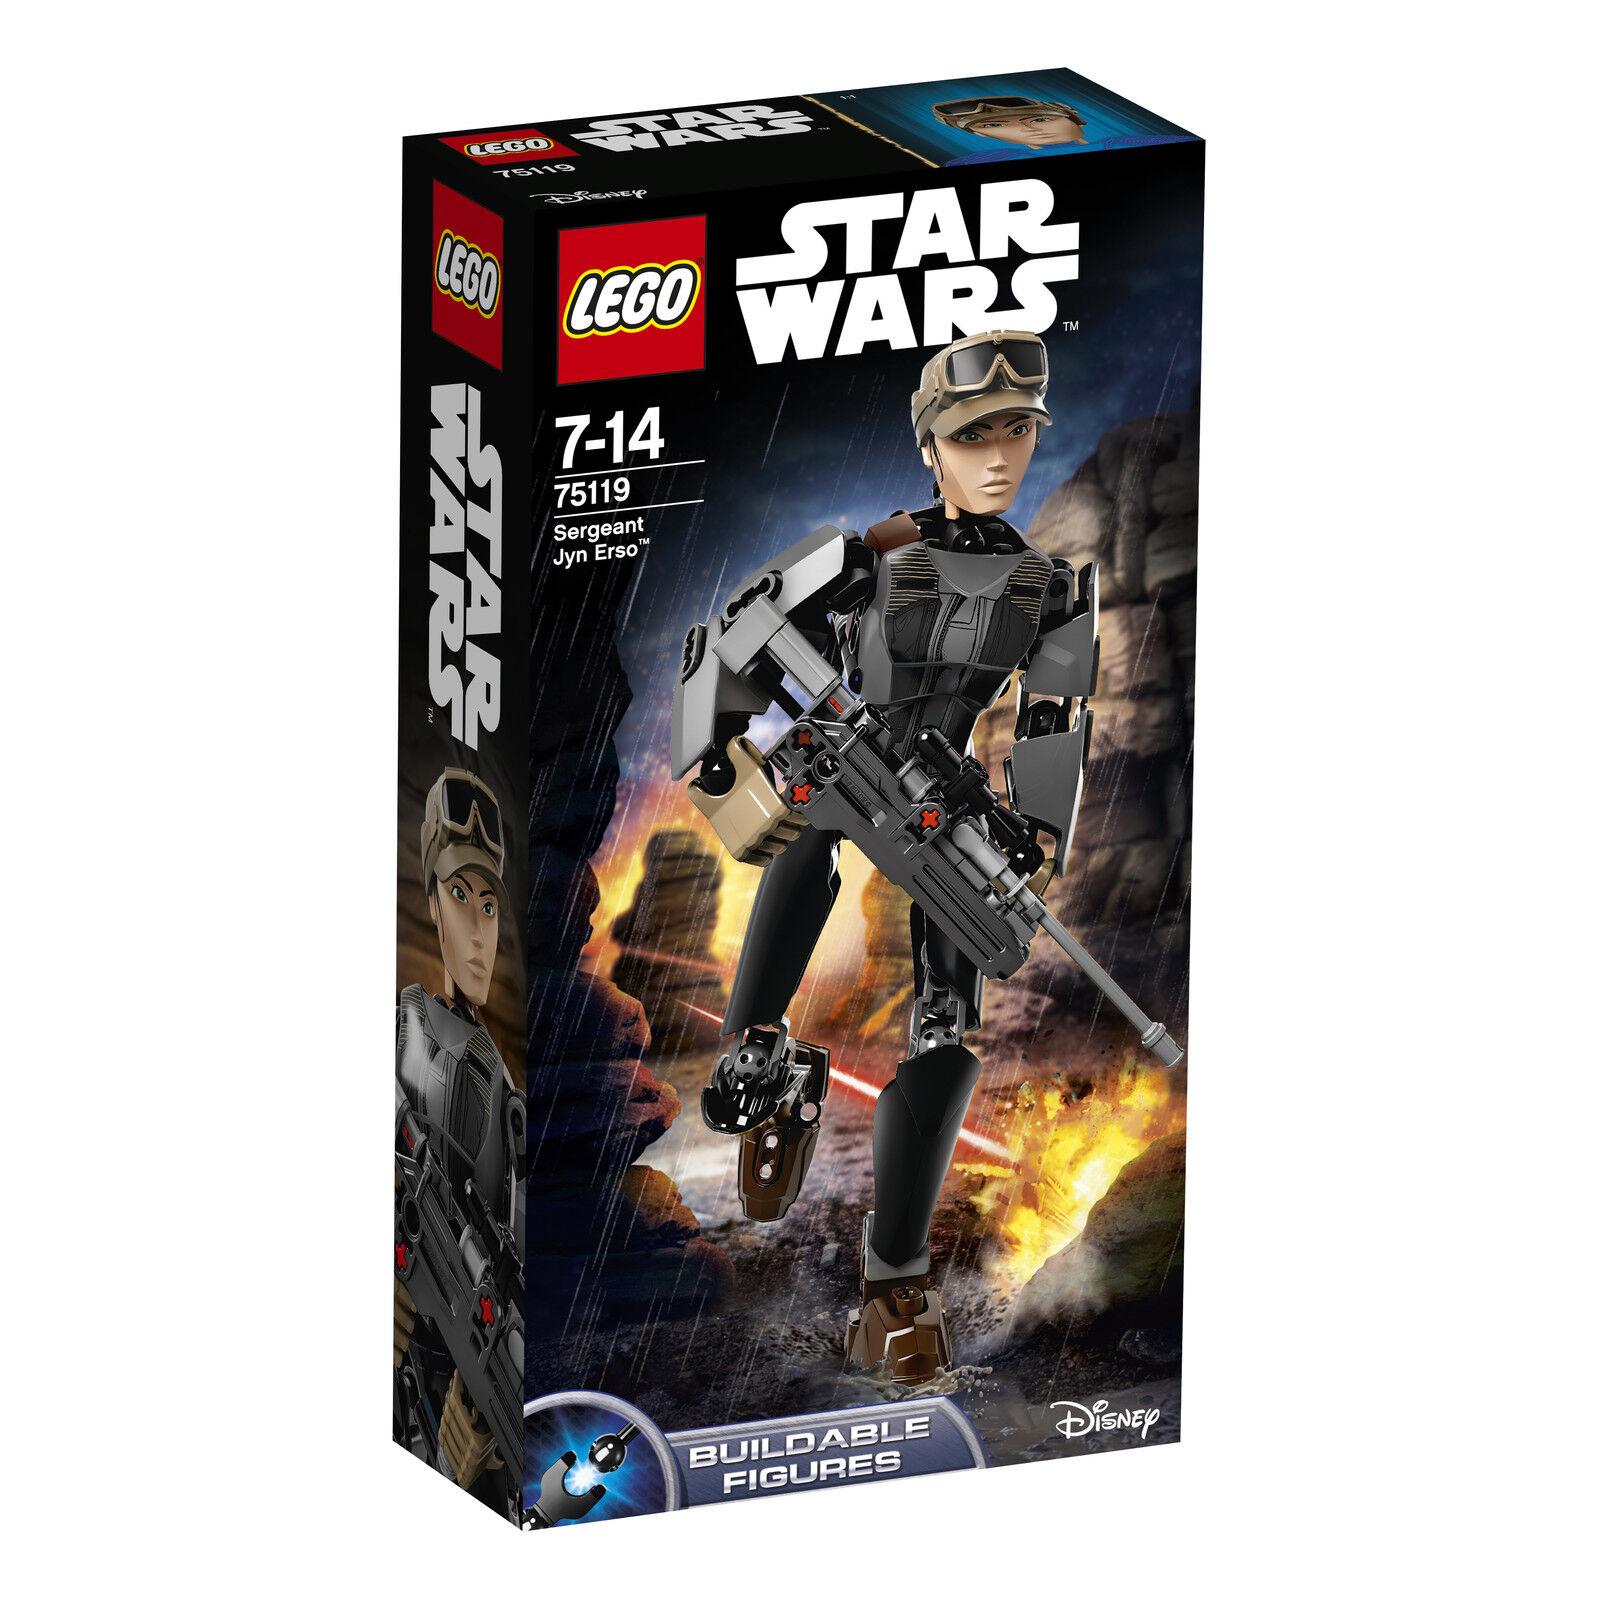 LEGO® Star Wars™ 75119 Sergeant Jyn Erso™ NEU OVP NEW MISB NRFB